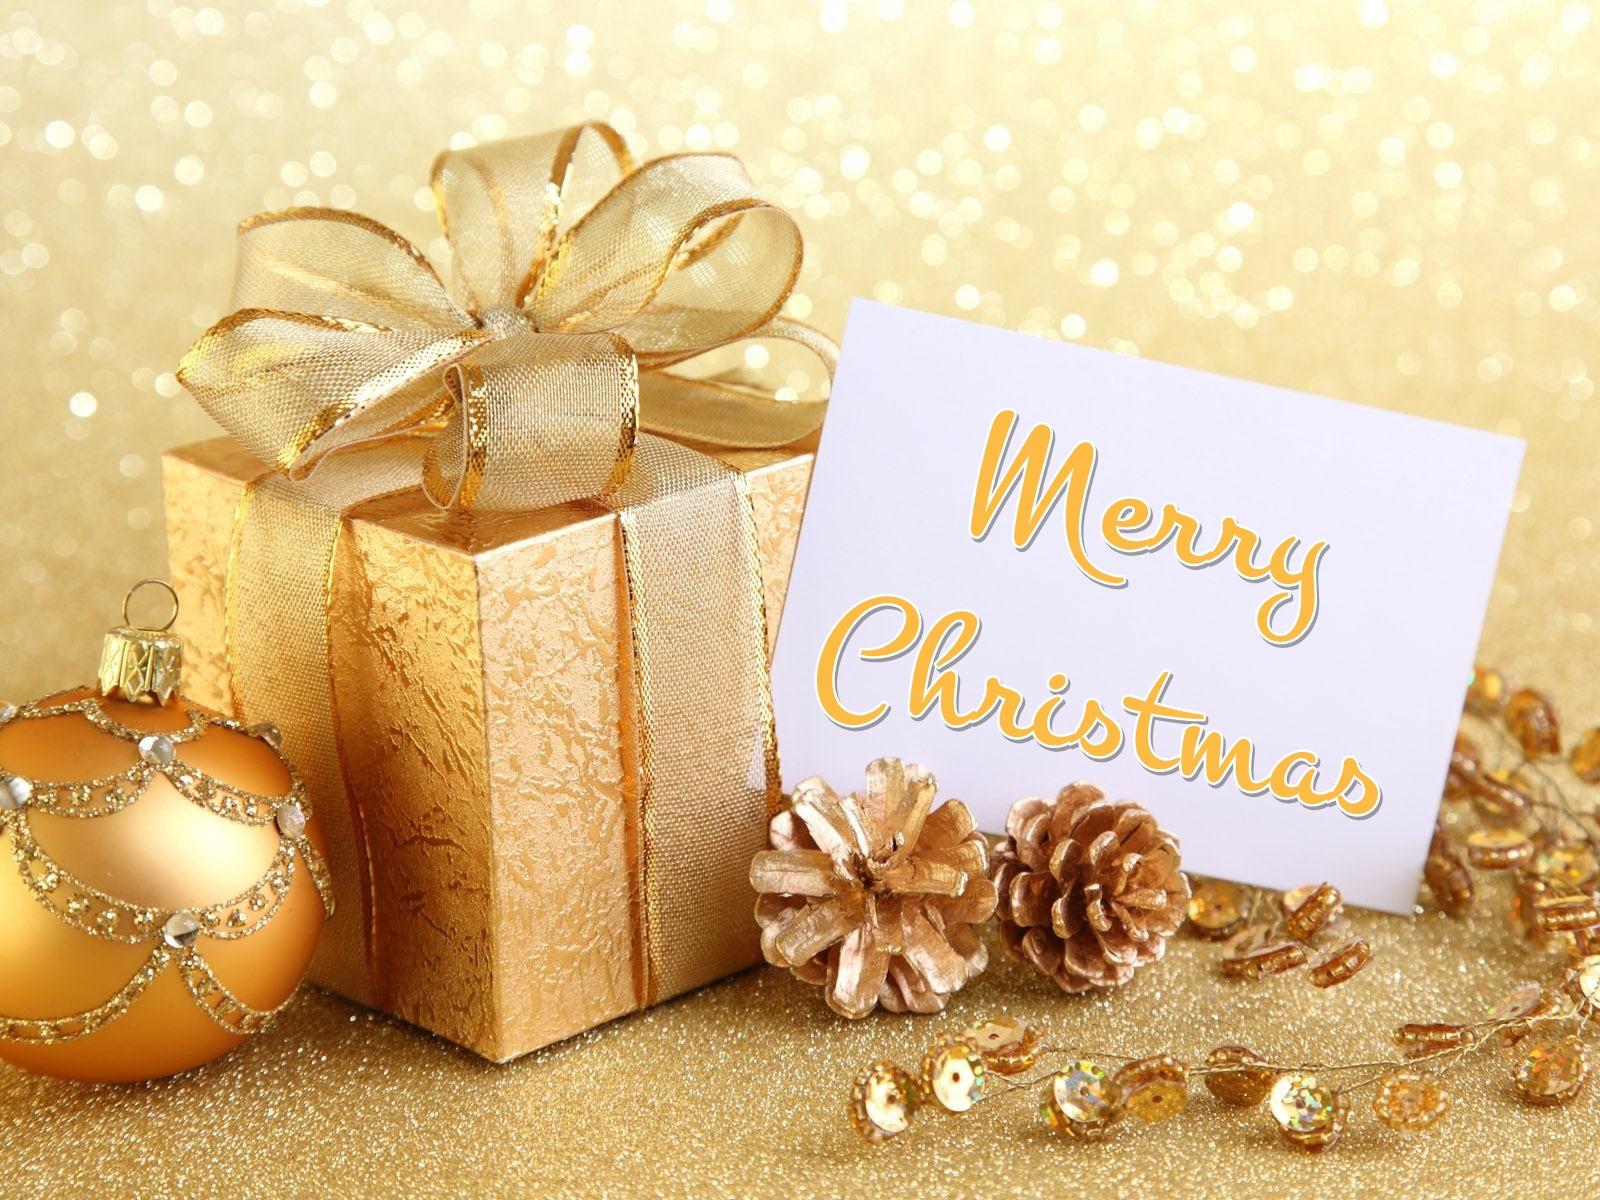 Christmas Greeting Card 2016